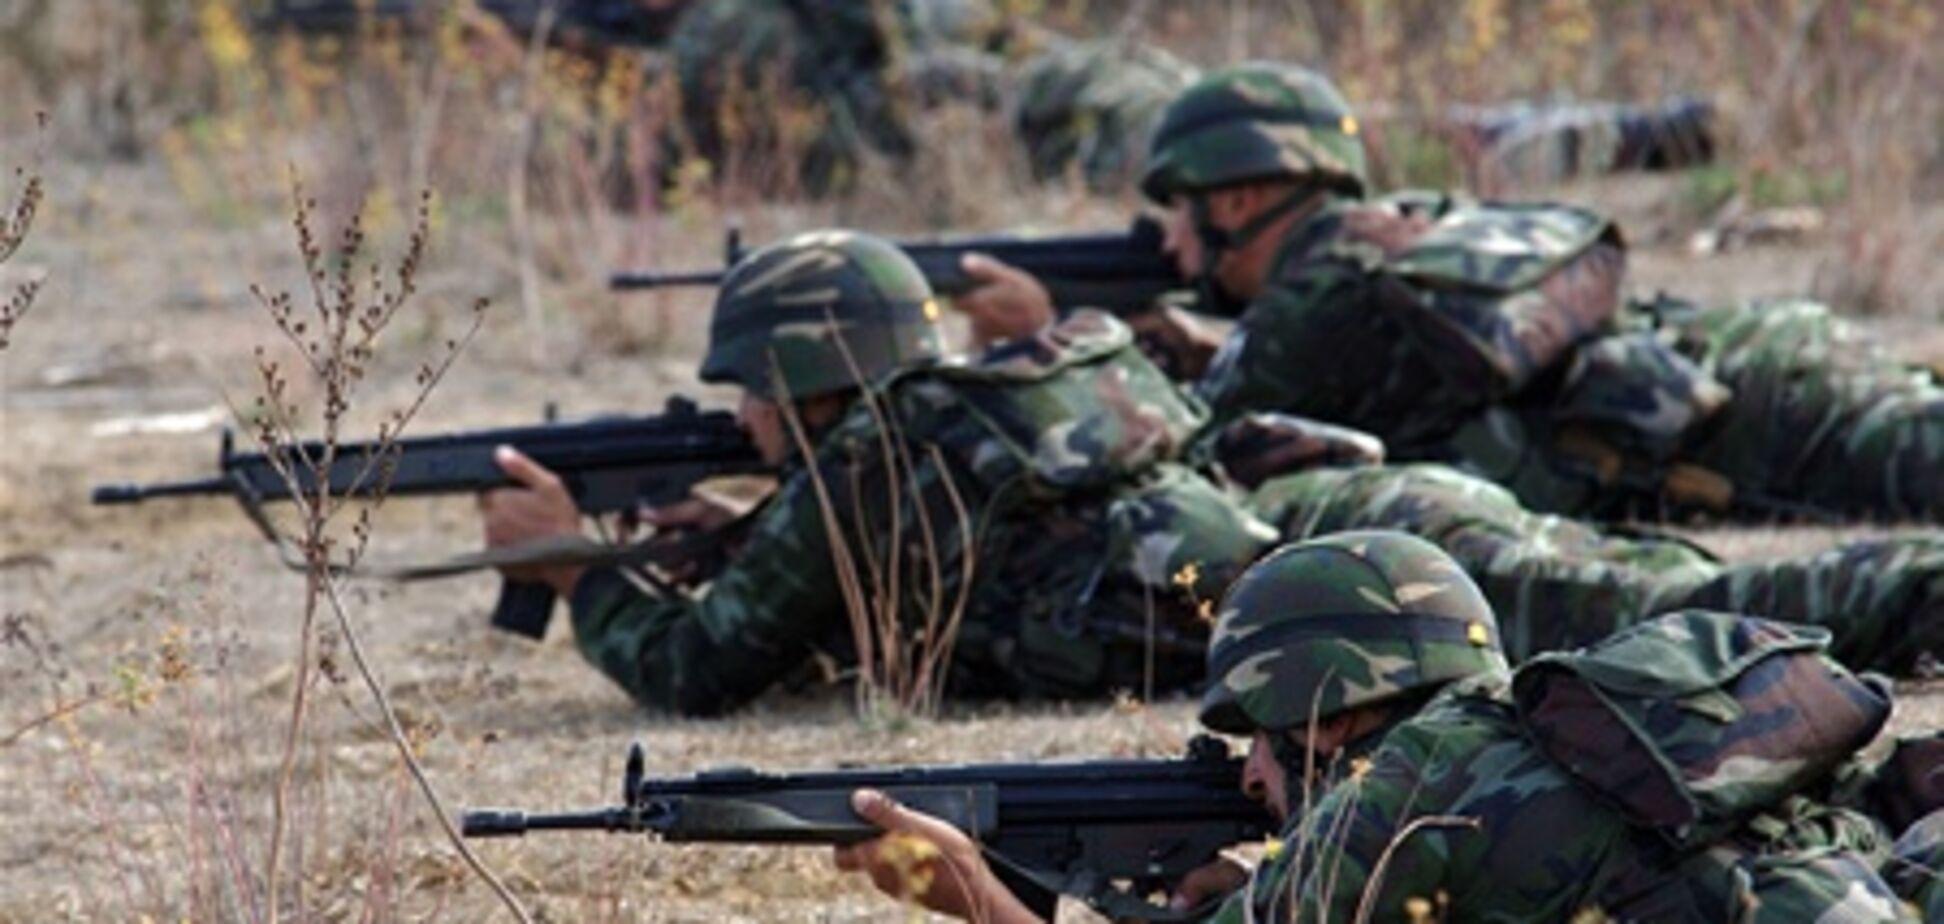 Турция готовит вторжение в Ирак: операция может начаться в любой момент